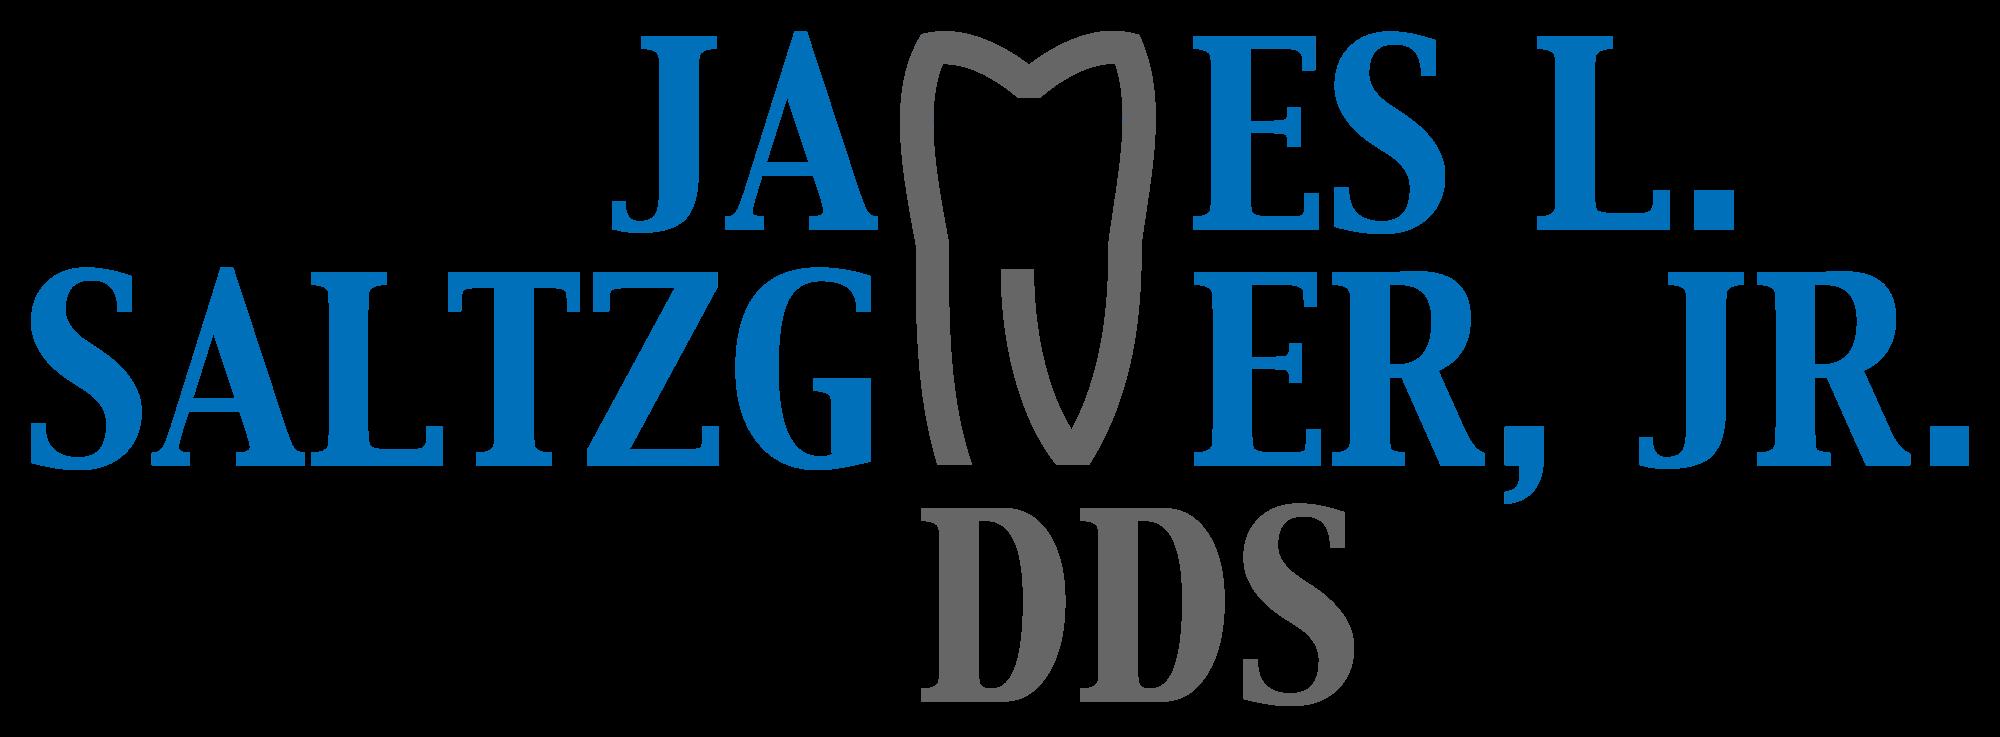 James L. Saltzgiver, Jr. DDS